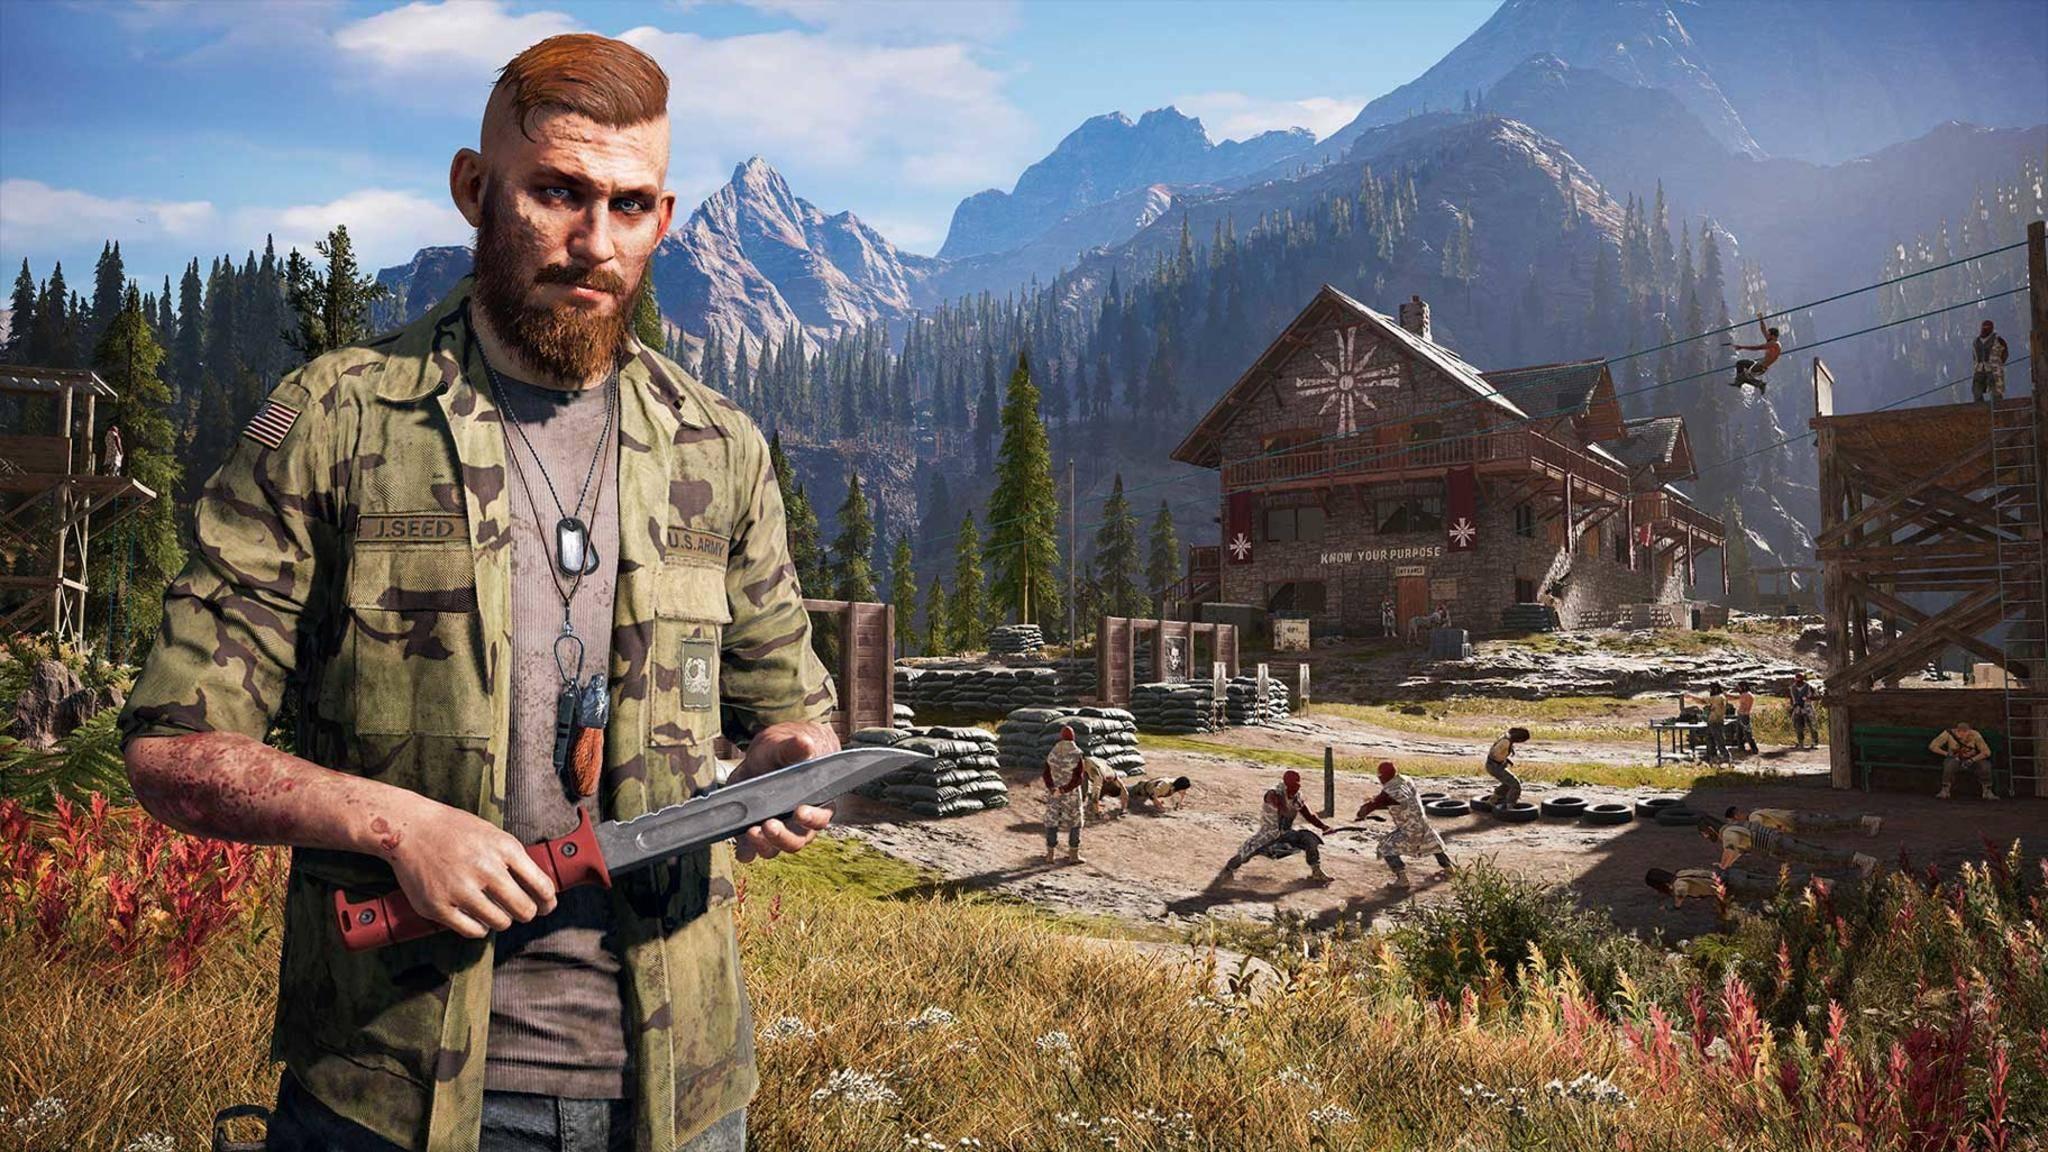 """Kleine Akte der Rebellion gegen die Sekte """"Project at Eden's Gate"""" machen Dich in """"Far Cry 5"""" nach und nach immer mächtiger."""